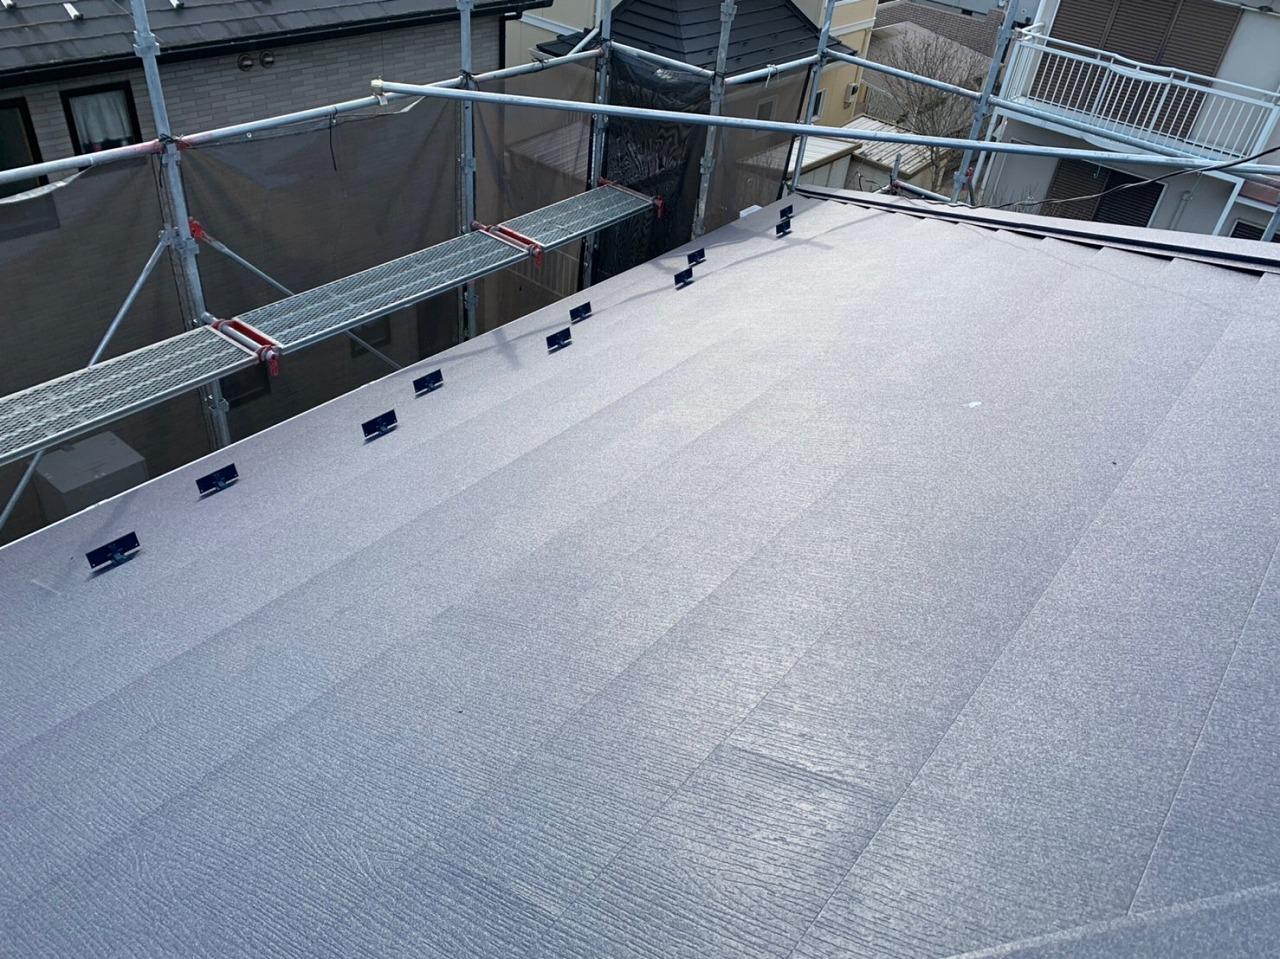 印旛郡,外壁塗装,屋根カバー工法 (43)